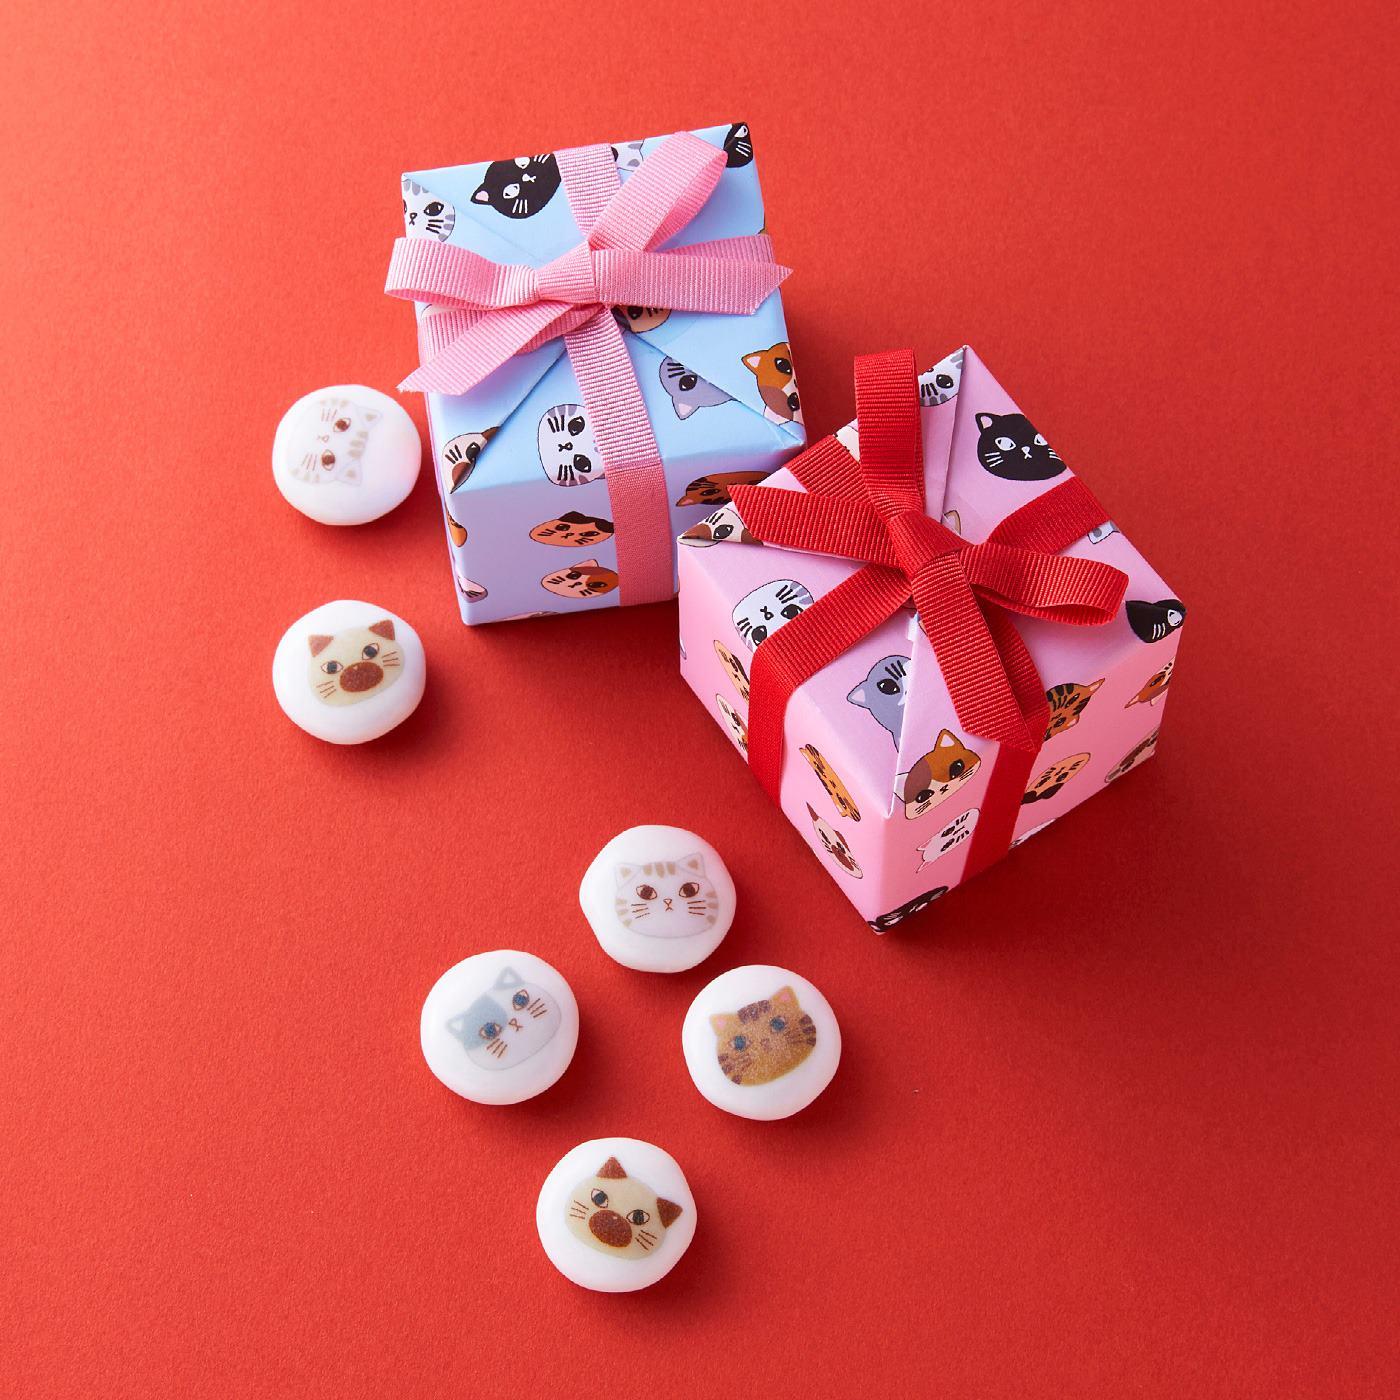 【ホワイトデイお届け】ねこチョコ ミニギフトボックスセット